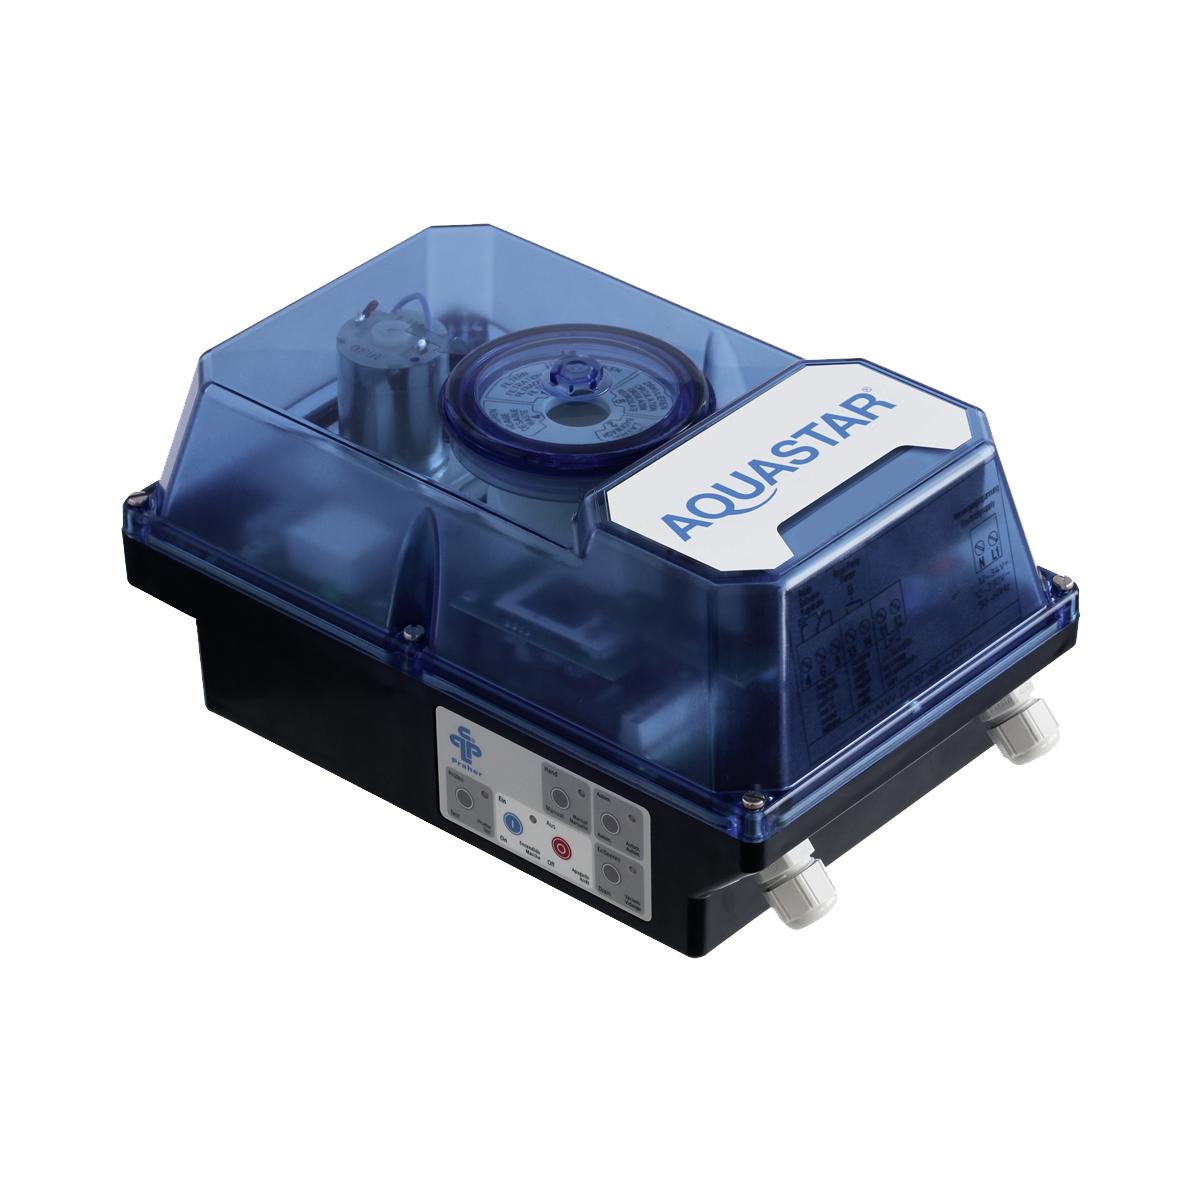 """AquaStar Comfort 3001-24 für Ocean V6 ND 1 1/2"""" + 2"""" 24V AC/DC, Zeit-Uhr AquaStar Comfort 3001-24 für Ocean V6 ND 1 1/2"""" + 2"""" 24V AC/DC, Zeit-Uhr"""